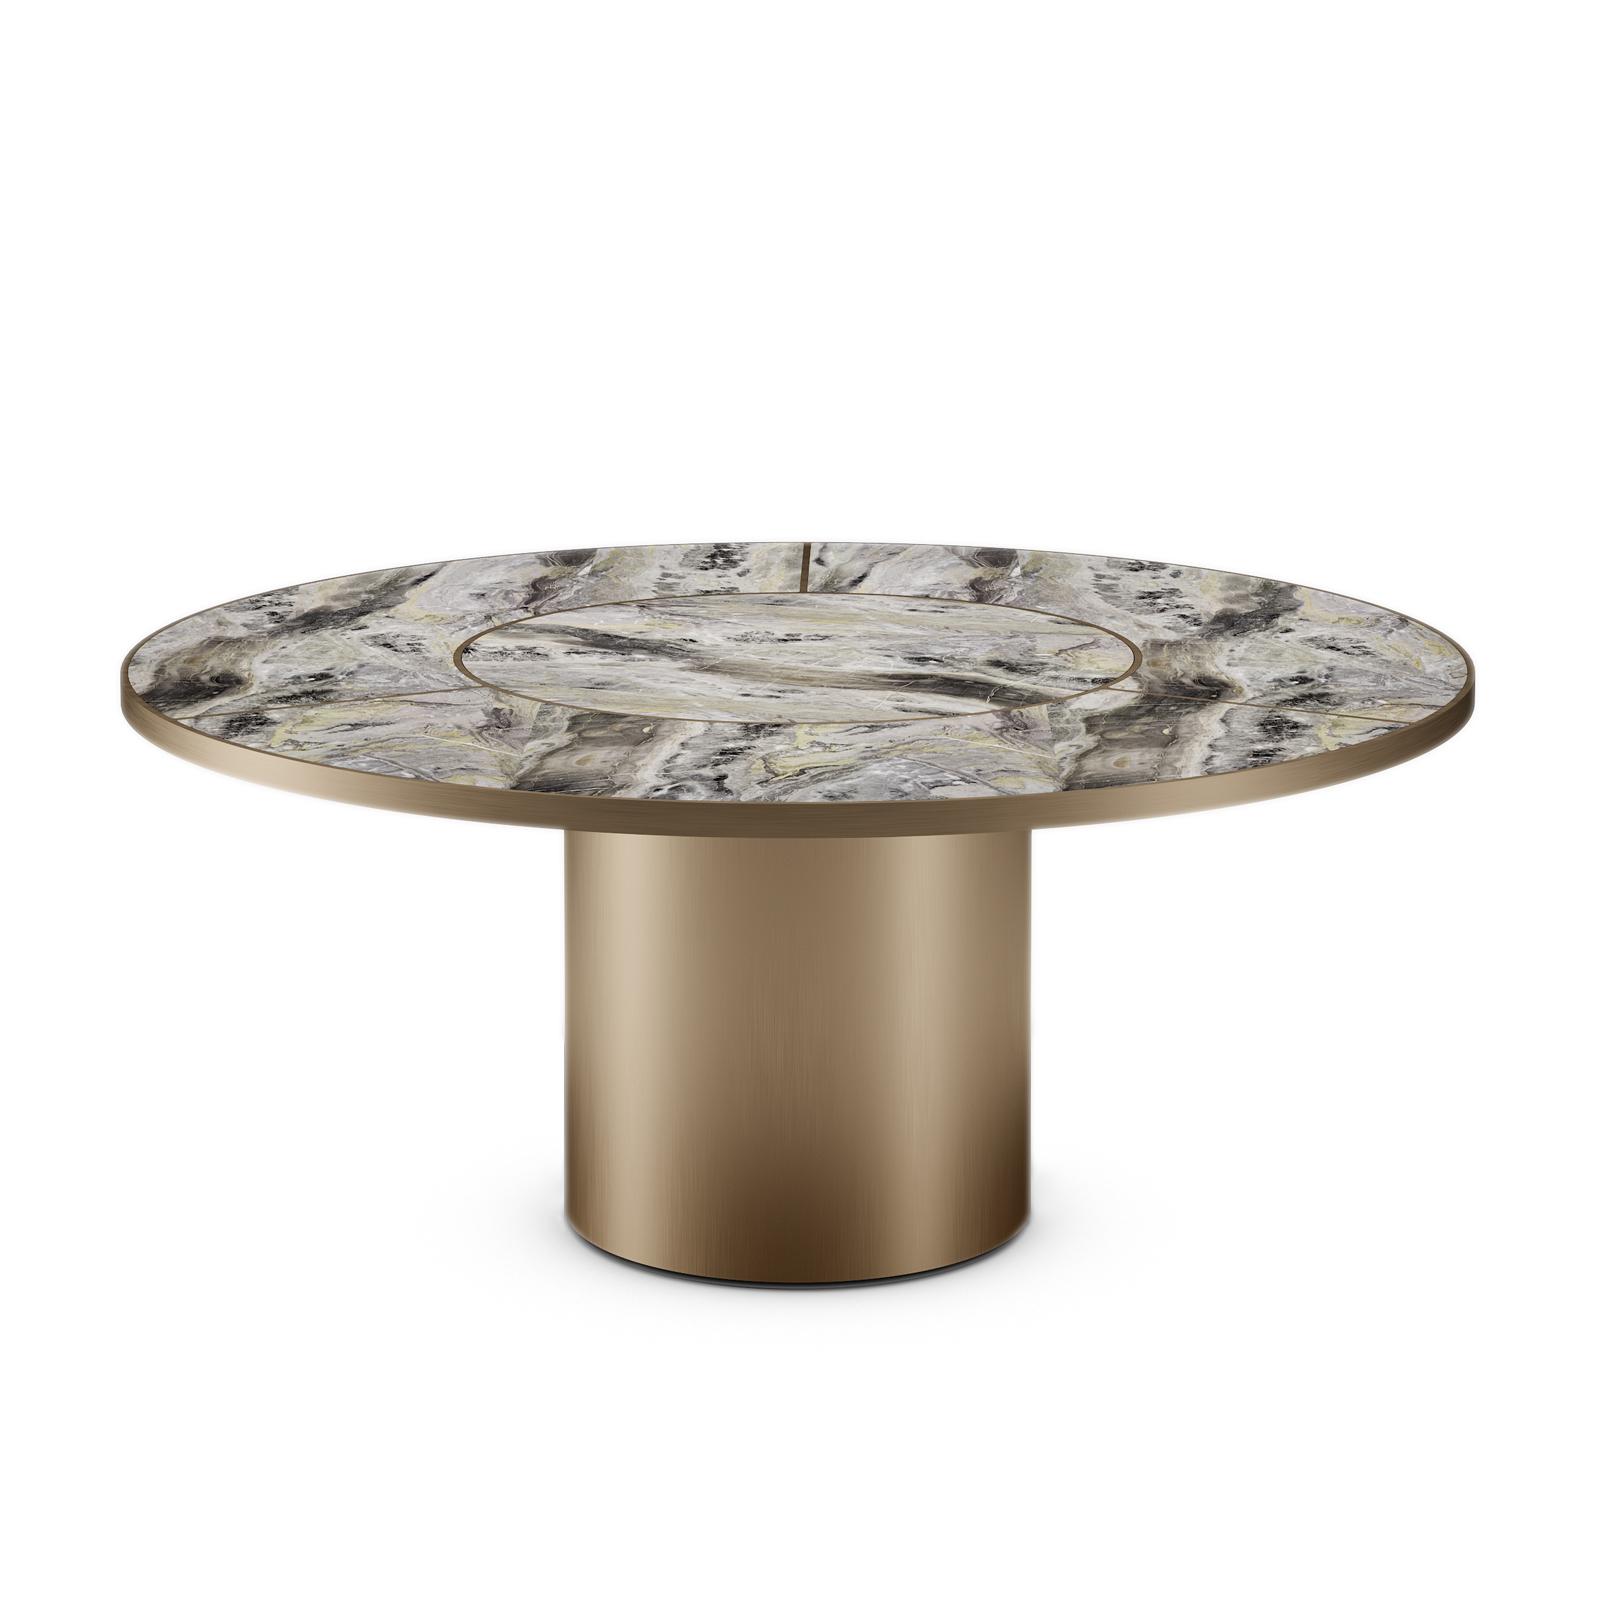 consegna gratuita estetica di lusso fashion design Designer Italian Signore degli anelli Table - Italian ...